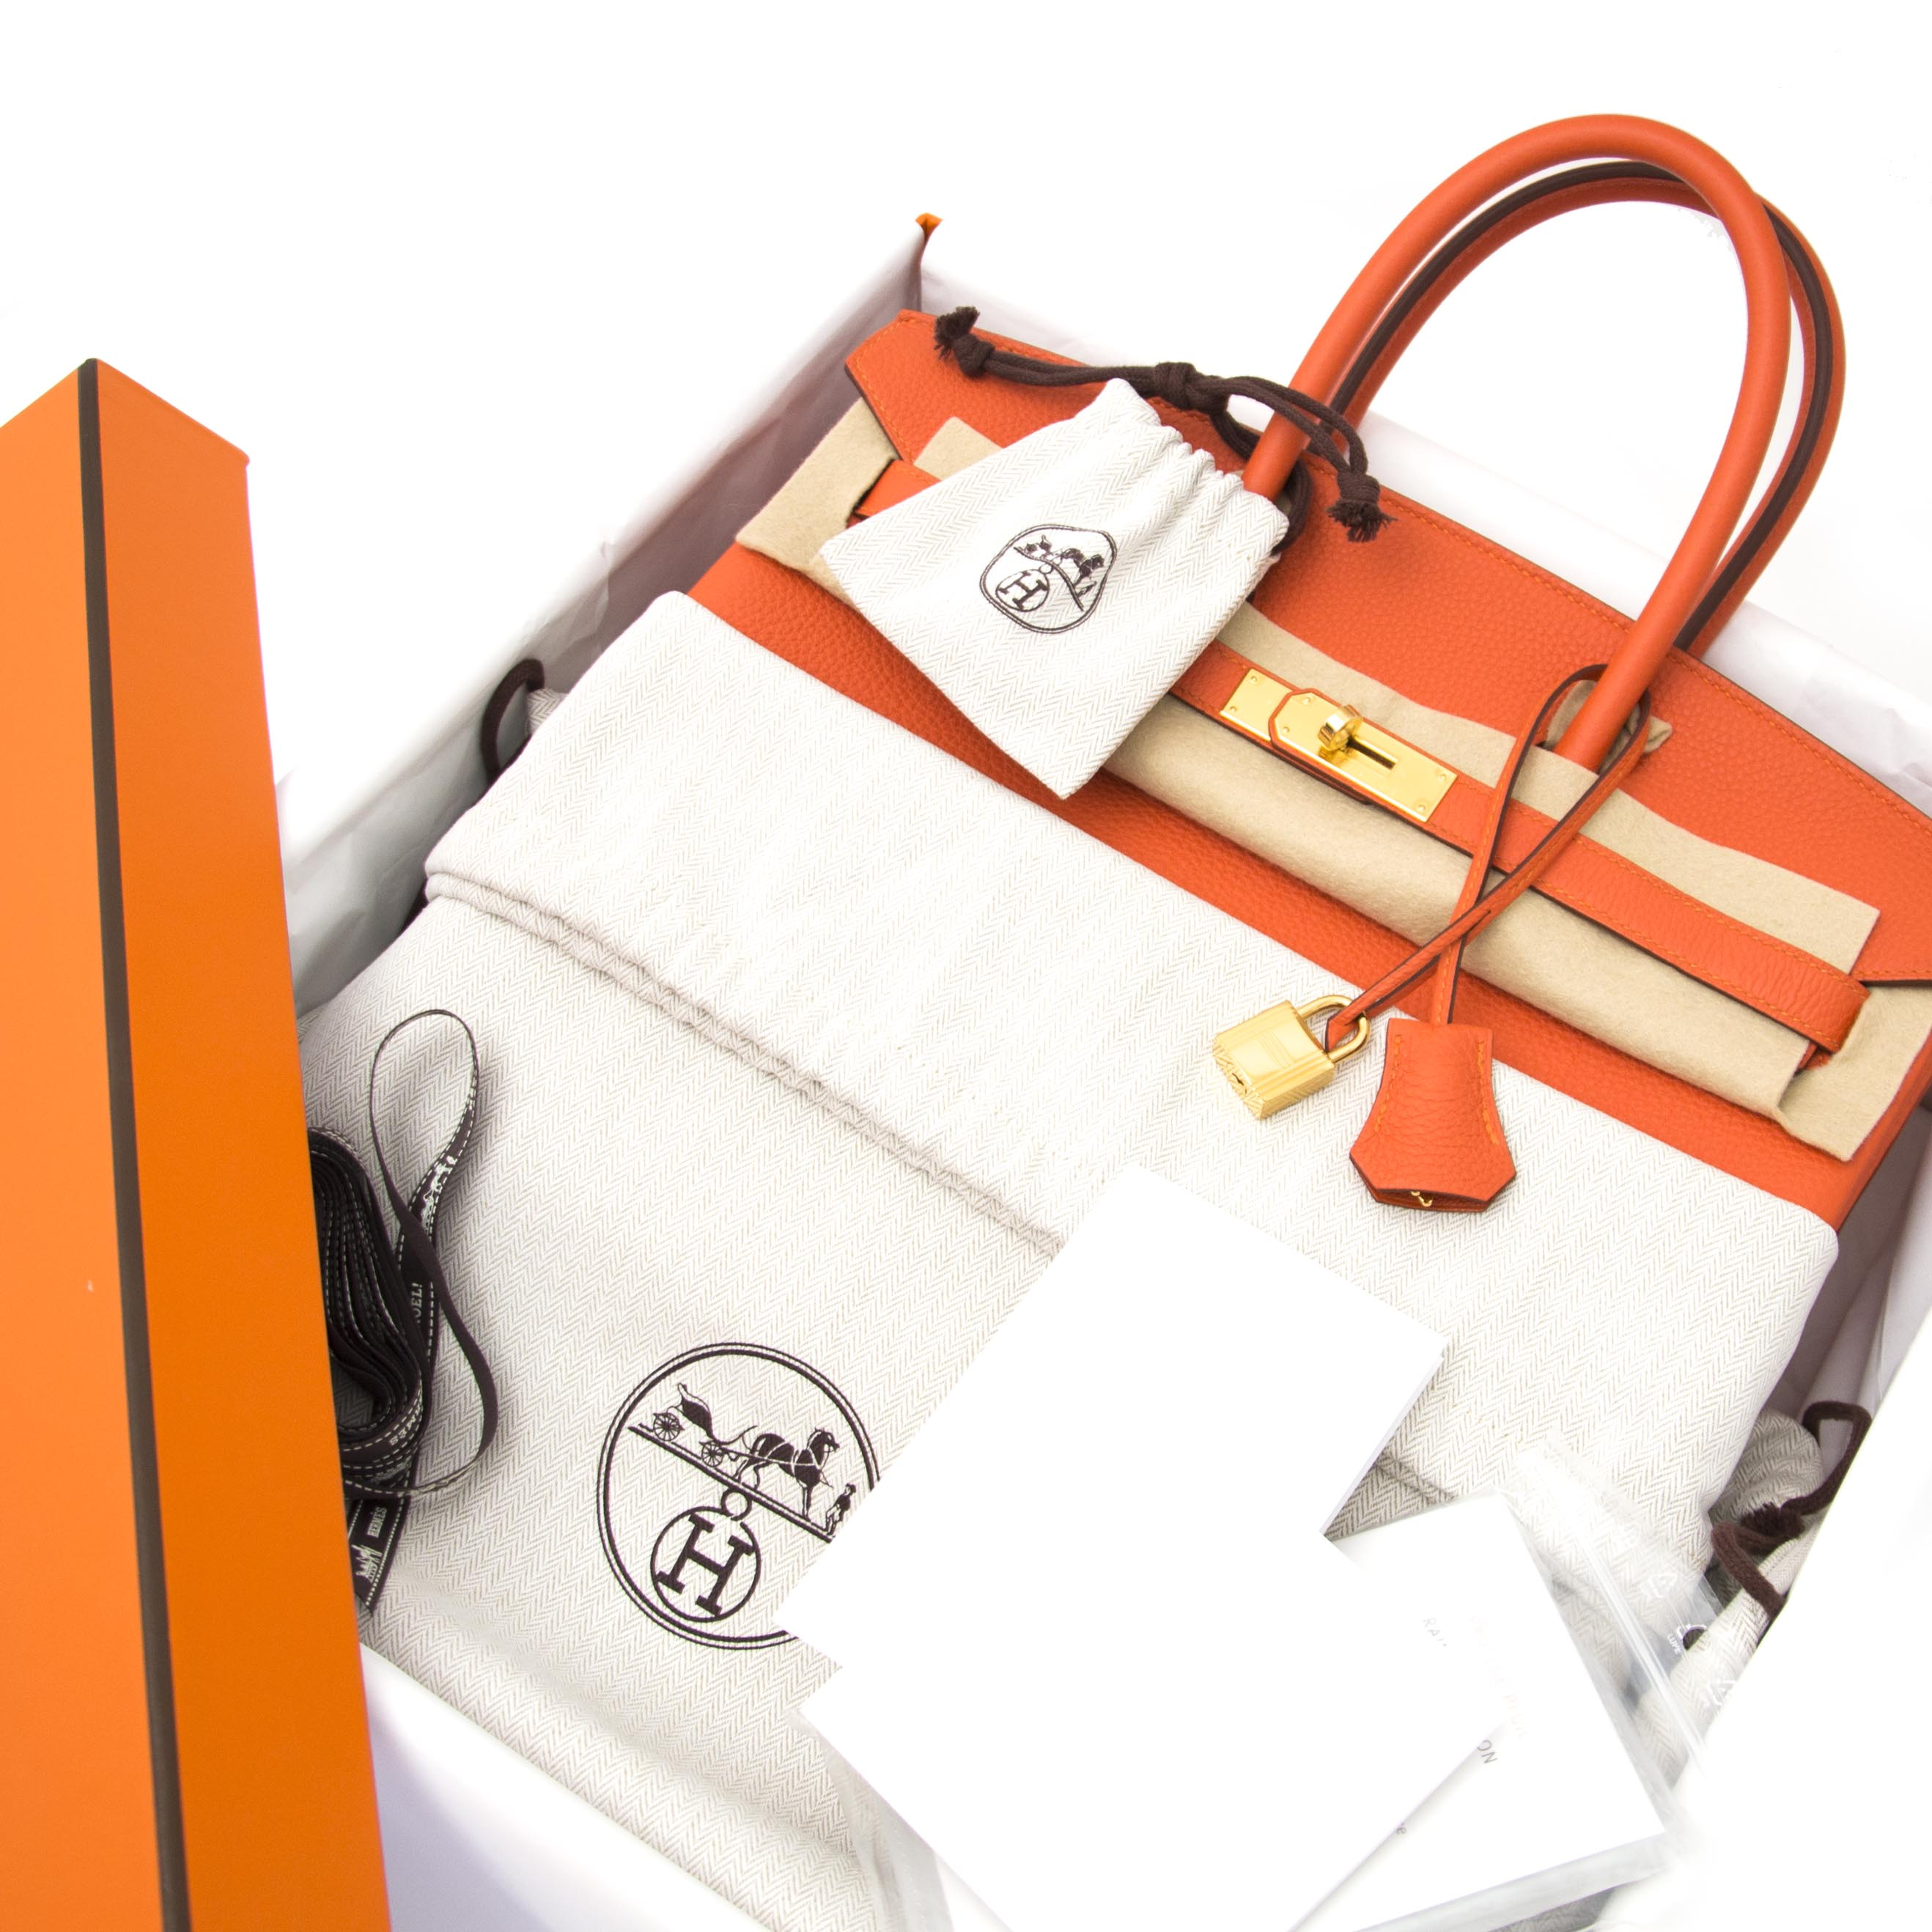 buy safe and secure online at labellov.com hermes birkin 35 togo feu ghw